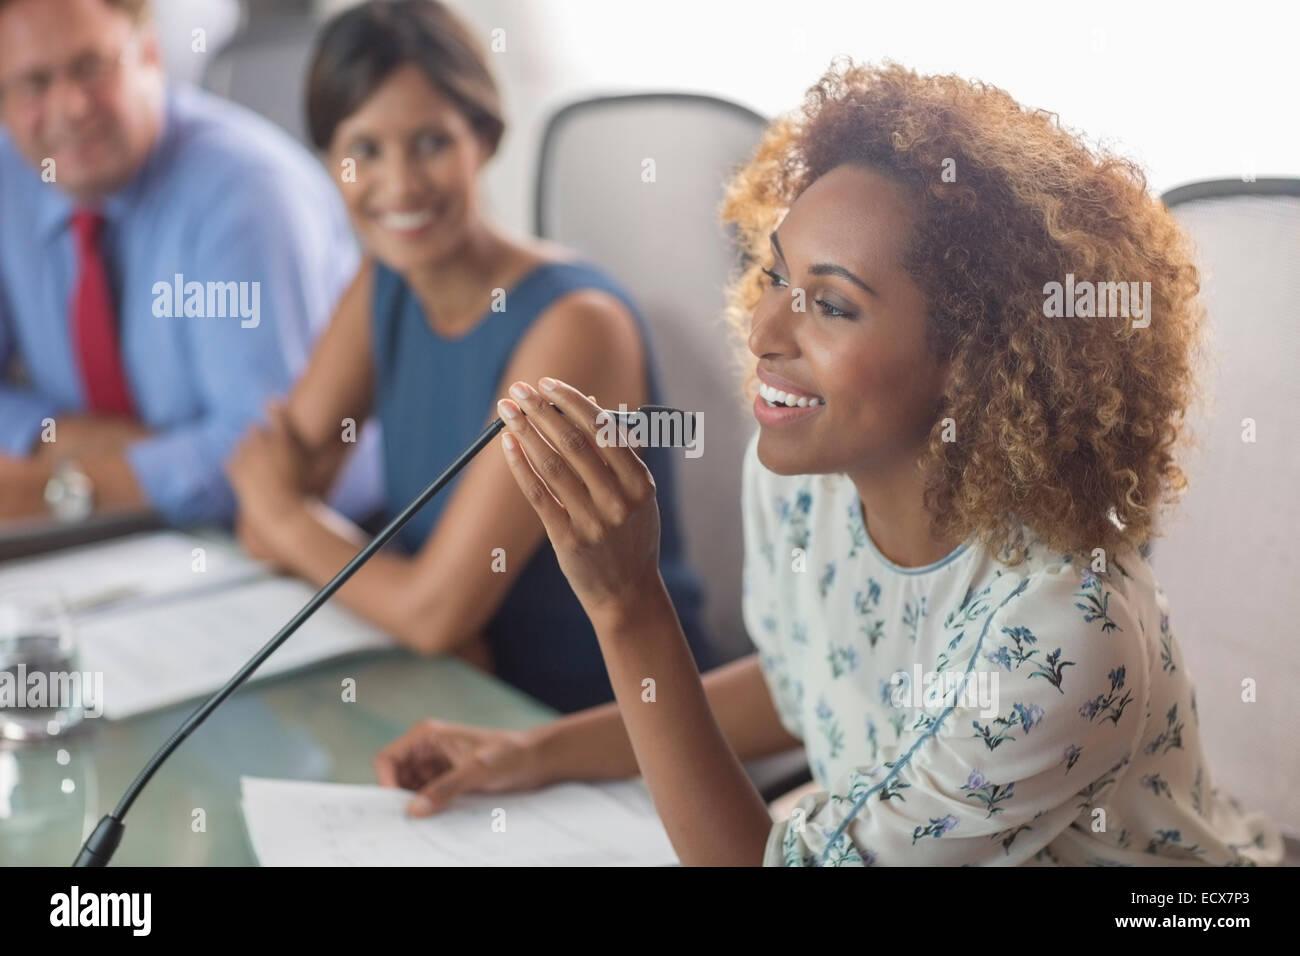 Schöne Frau sitzt am Konferenztisch ins Mikrofon sprechen Stockbild